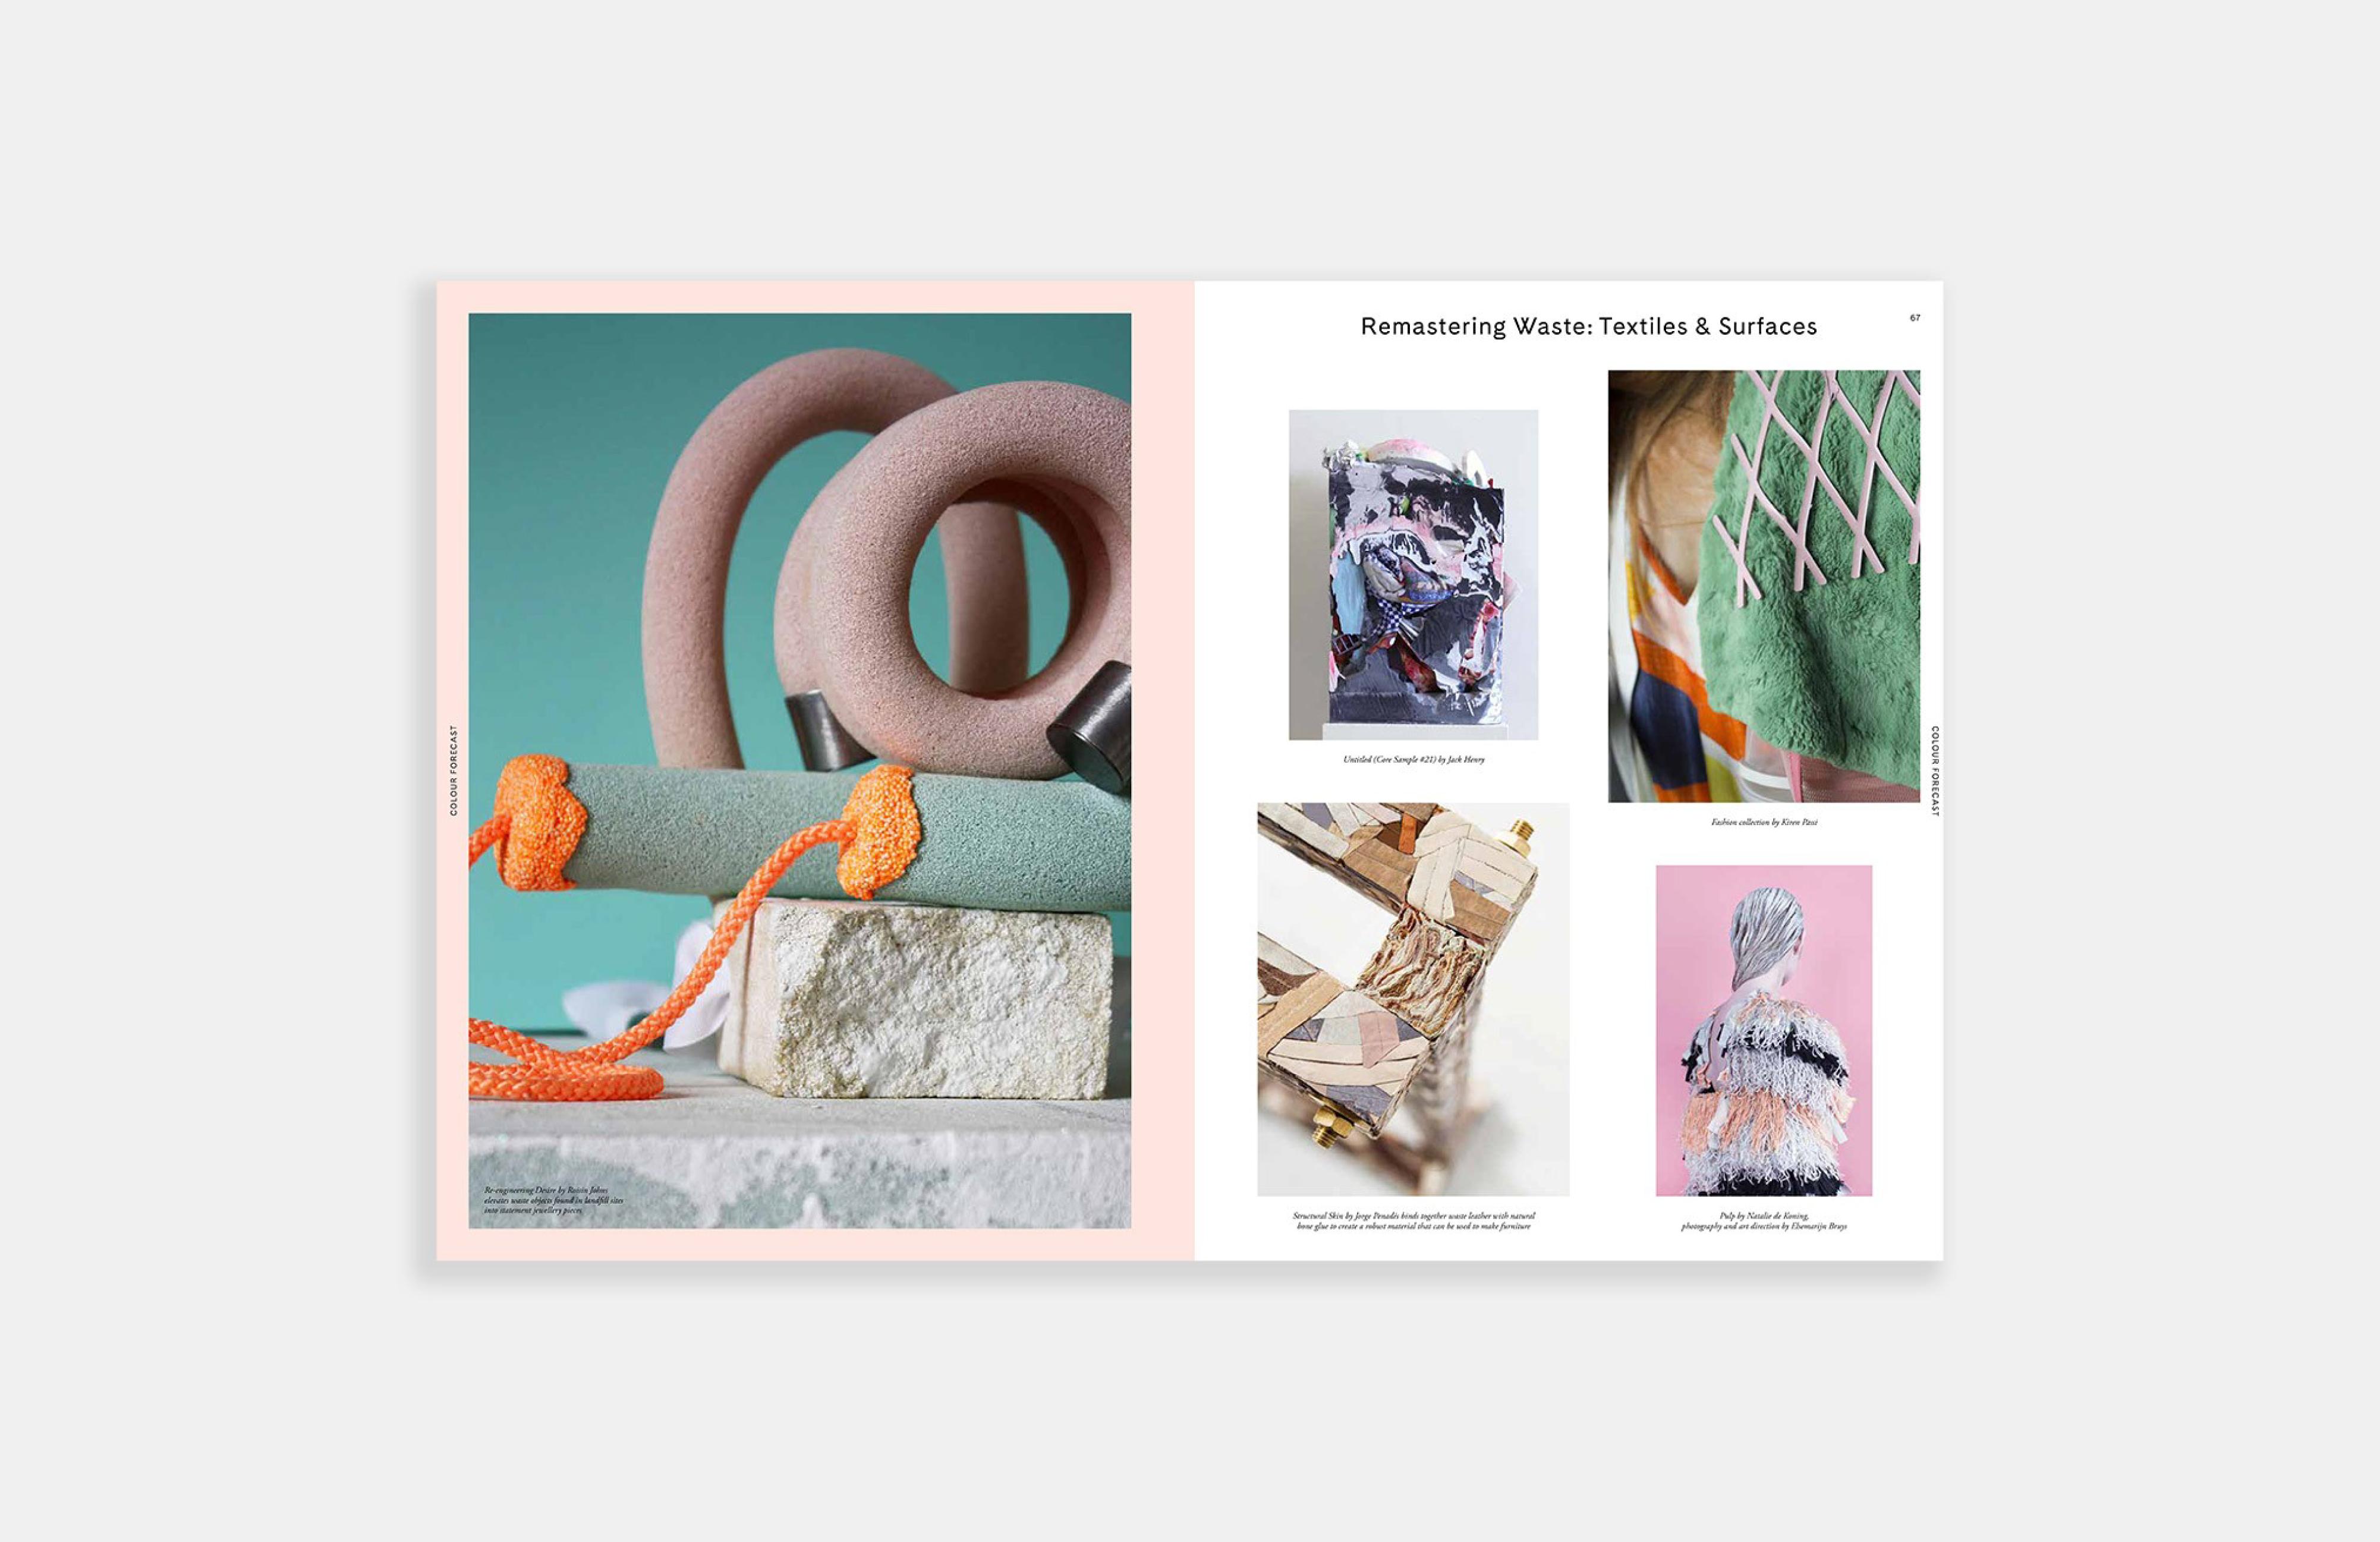 revista de Pantone, Pantone color 2017, Pantone magazine